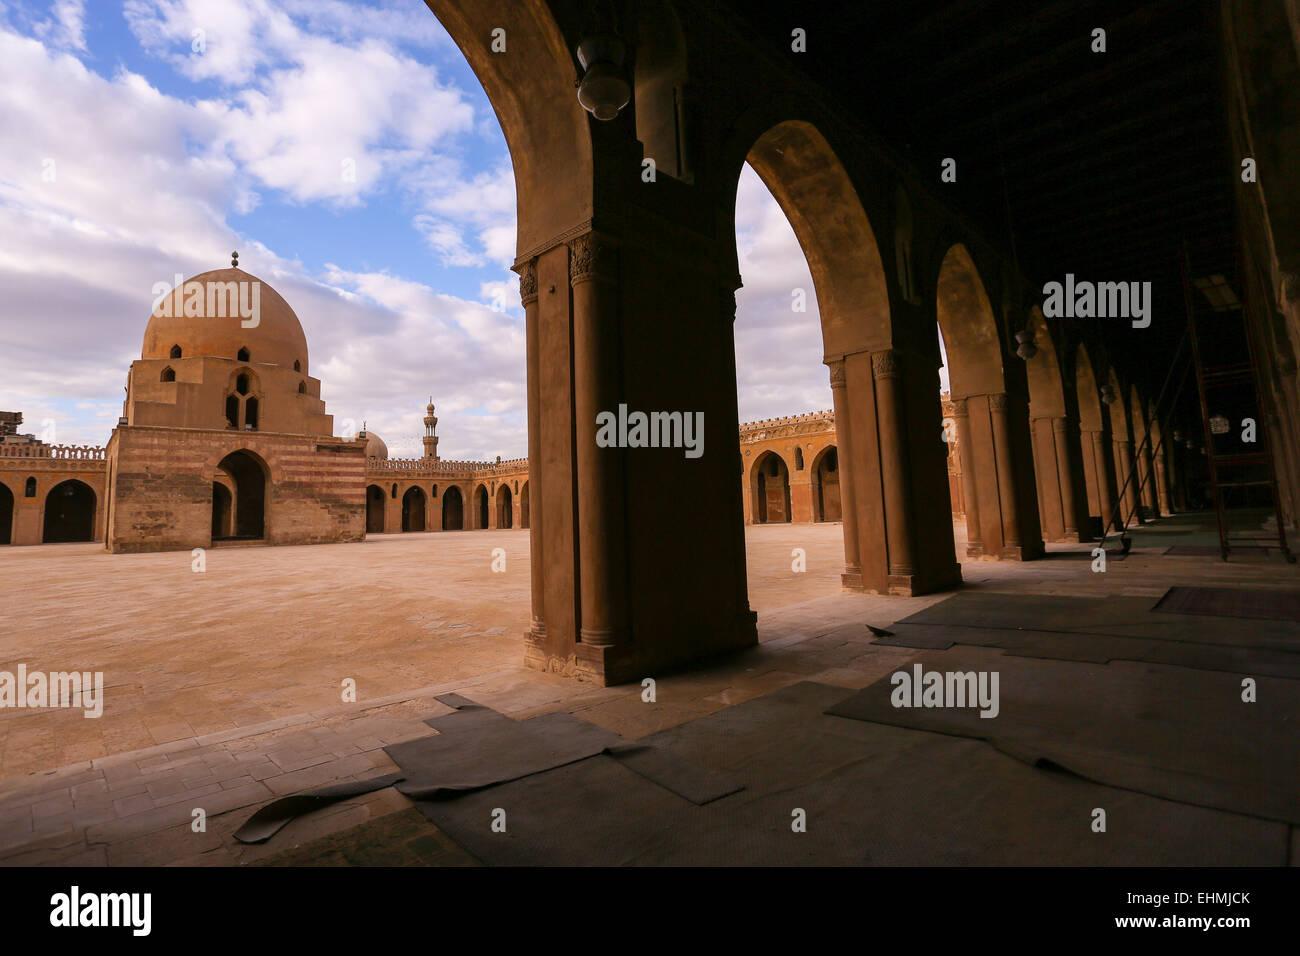 La moschea di Ibn Tulun Il Cairo, il cortile, fondata 879 ANNUNCIO Immagini Stock